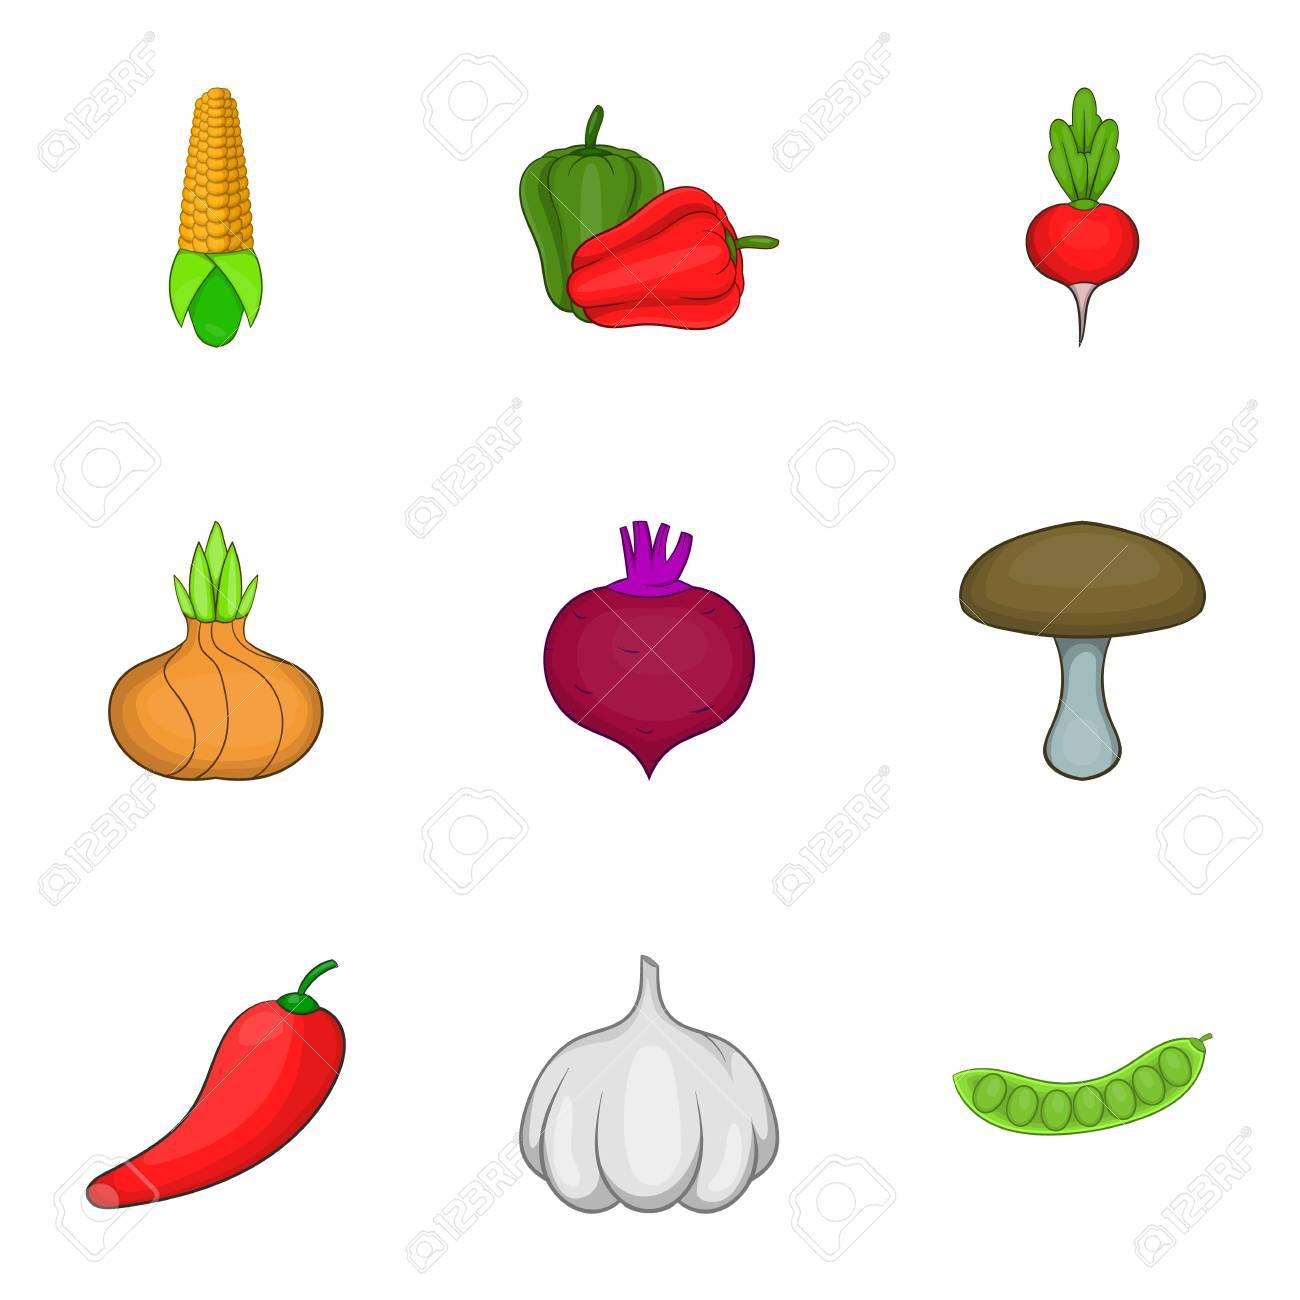 Conjunto De Iconos De Verduras De La Granja Ilustración De Dibujos Animados De Iconos De Vector De 9 Verduras De Granja Para Web